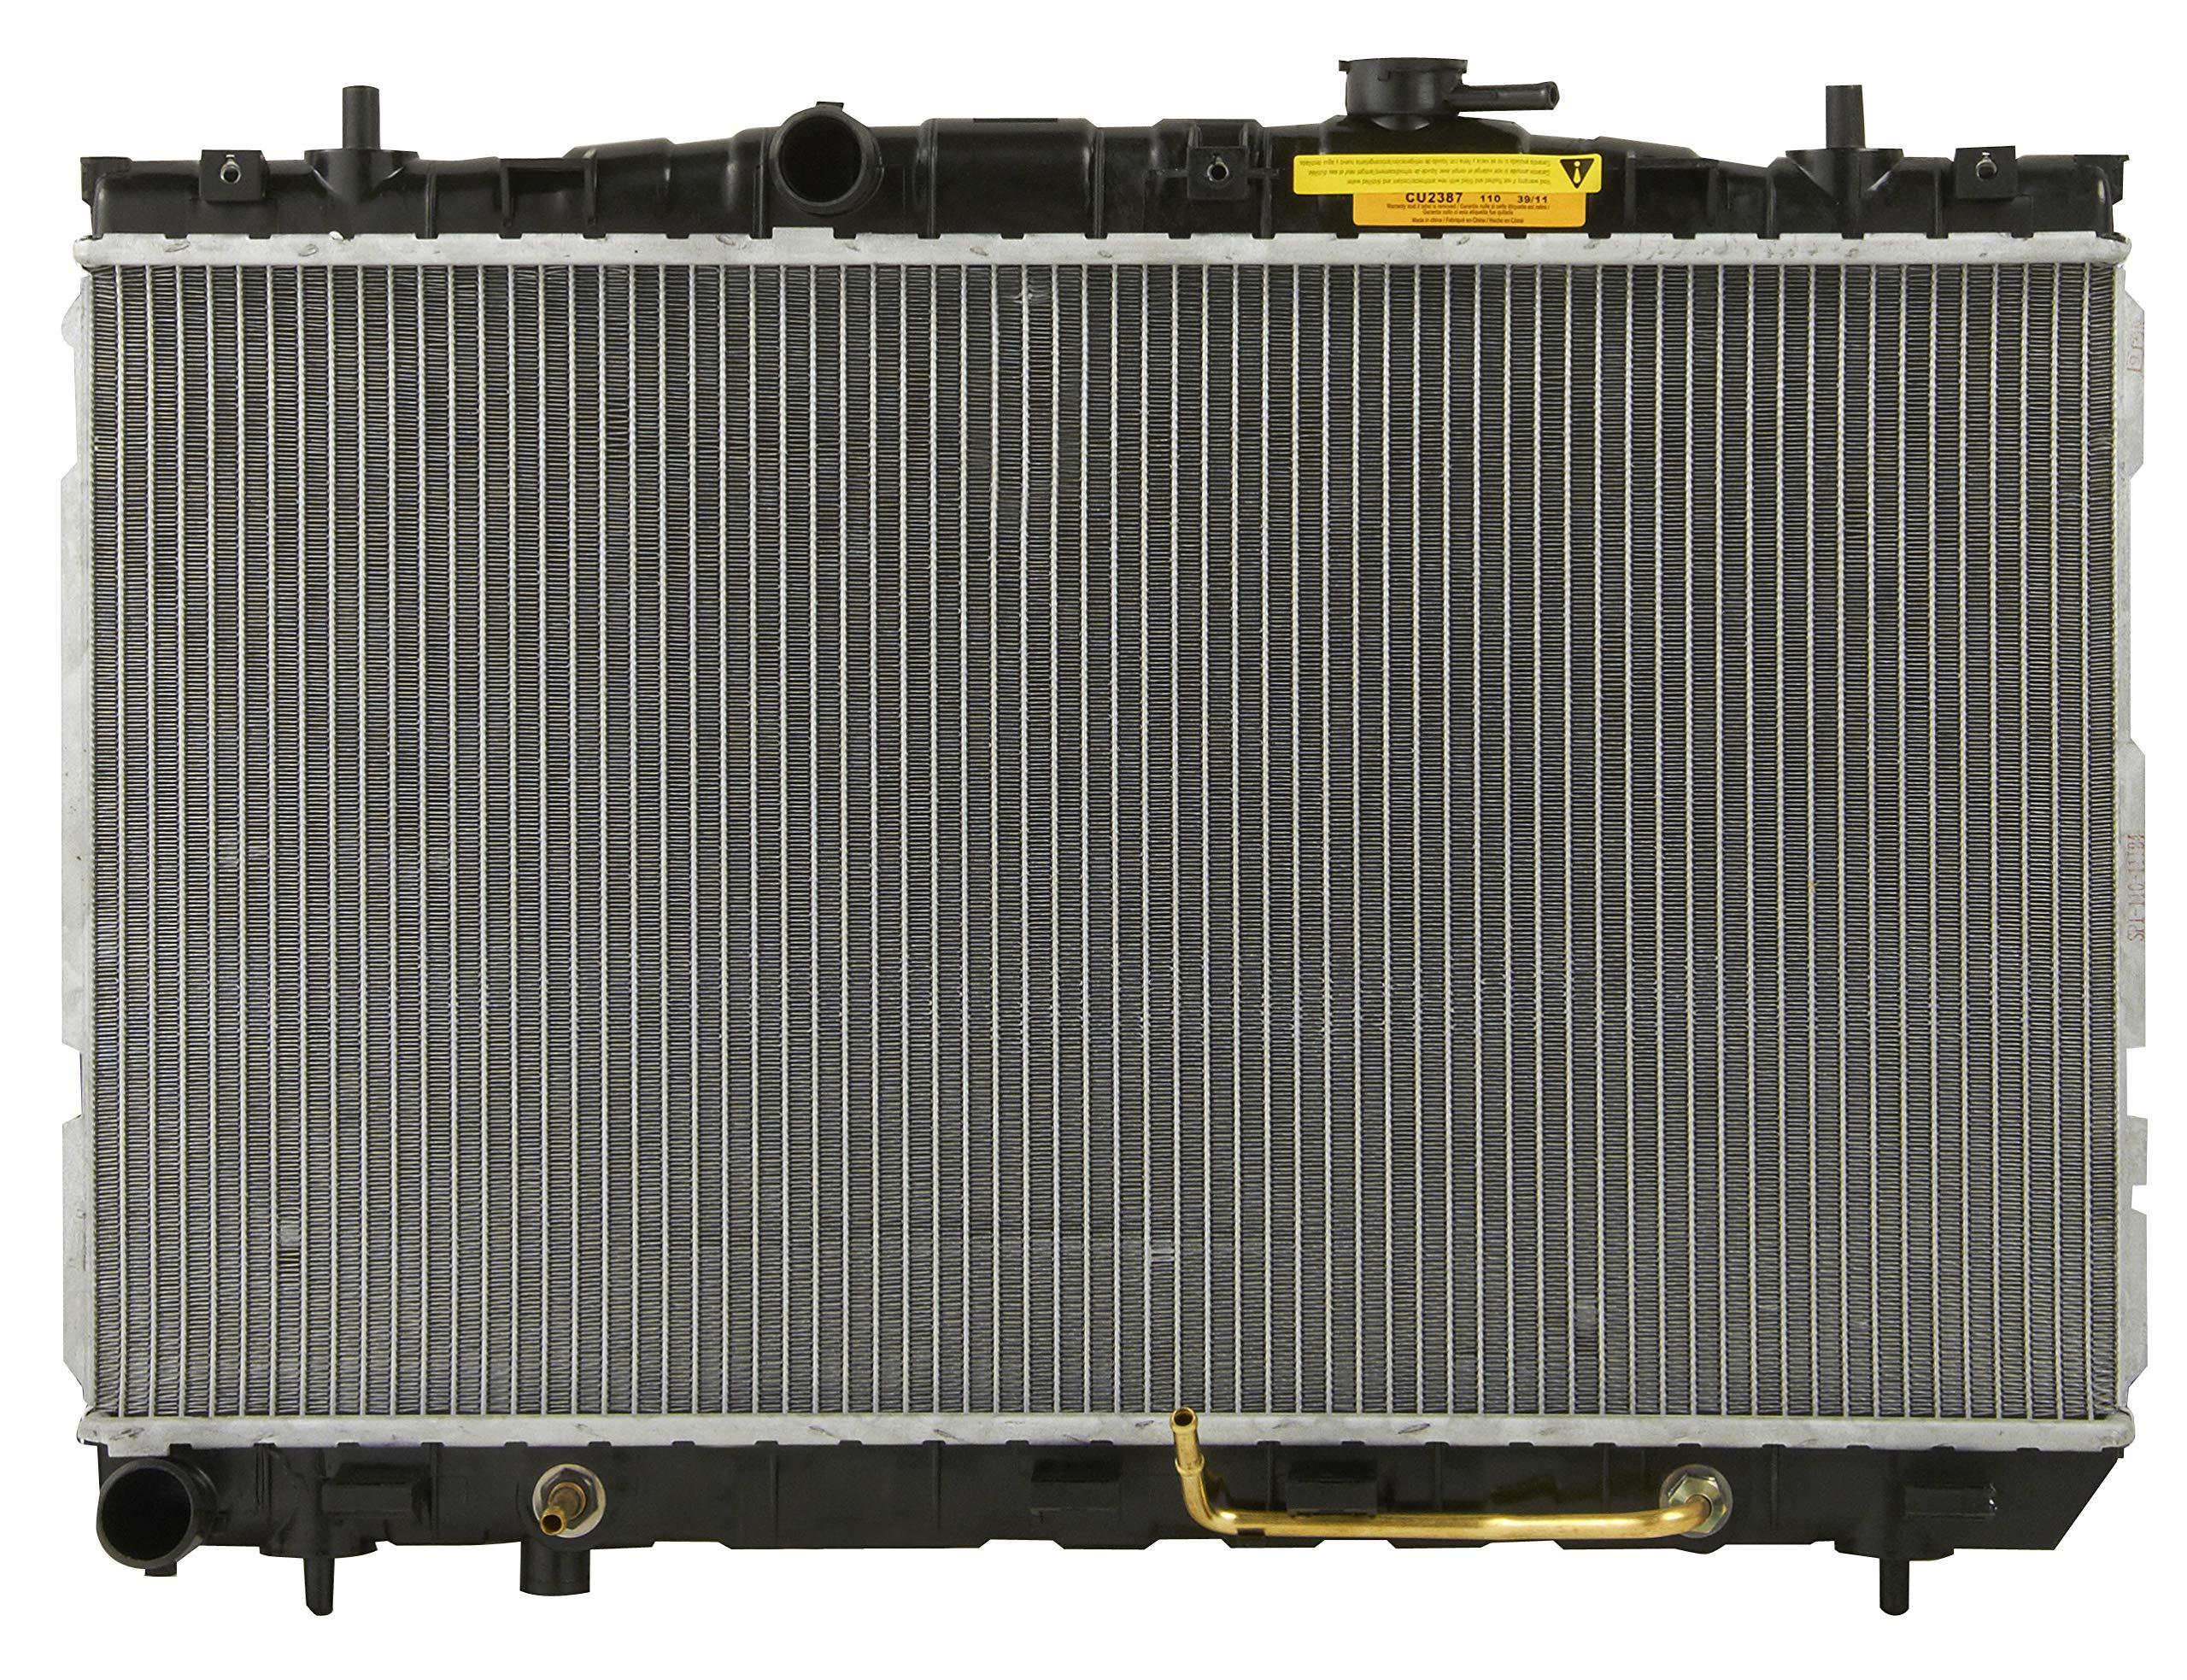 Spectra Premium CU2387 Complete Radiator